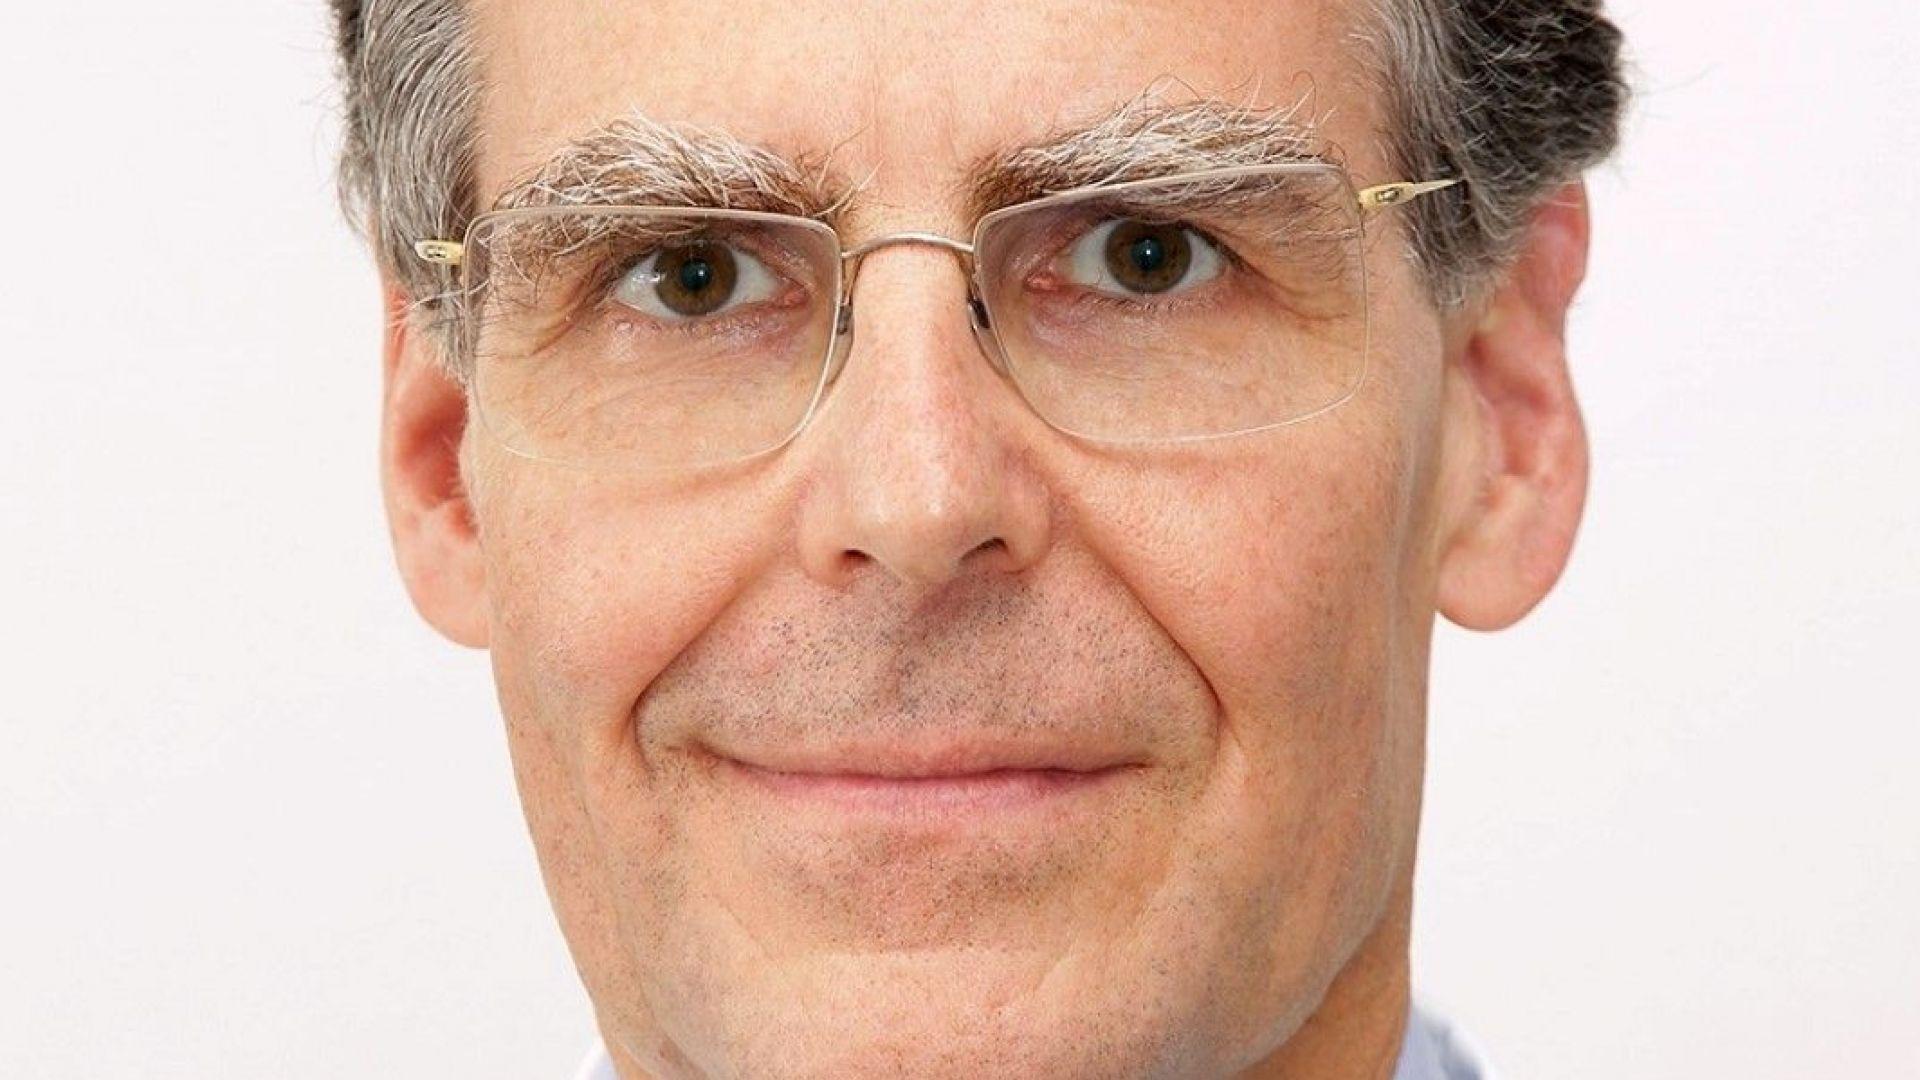 Проф. д-р Томас Чех е австрийски специалист по неврохирургия, практикуващ